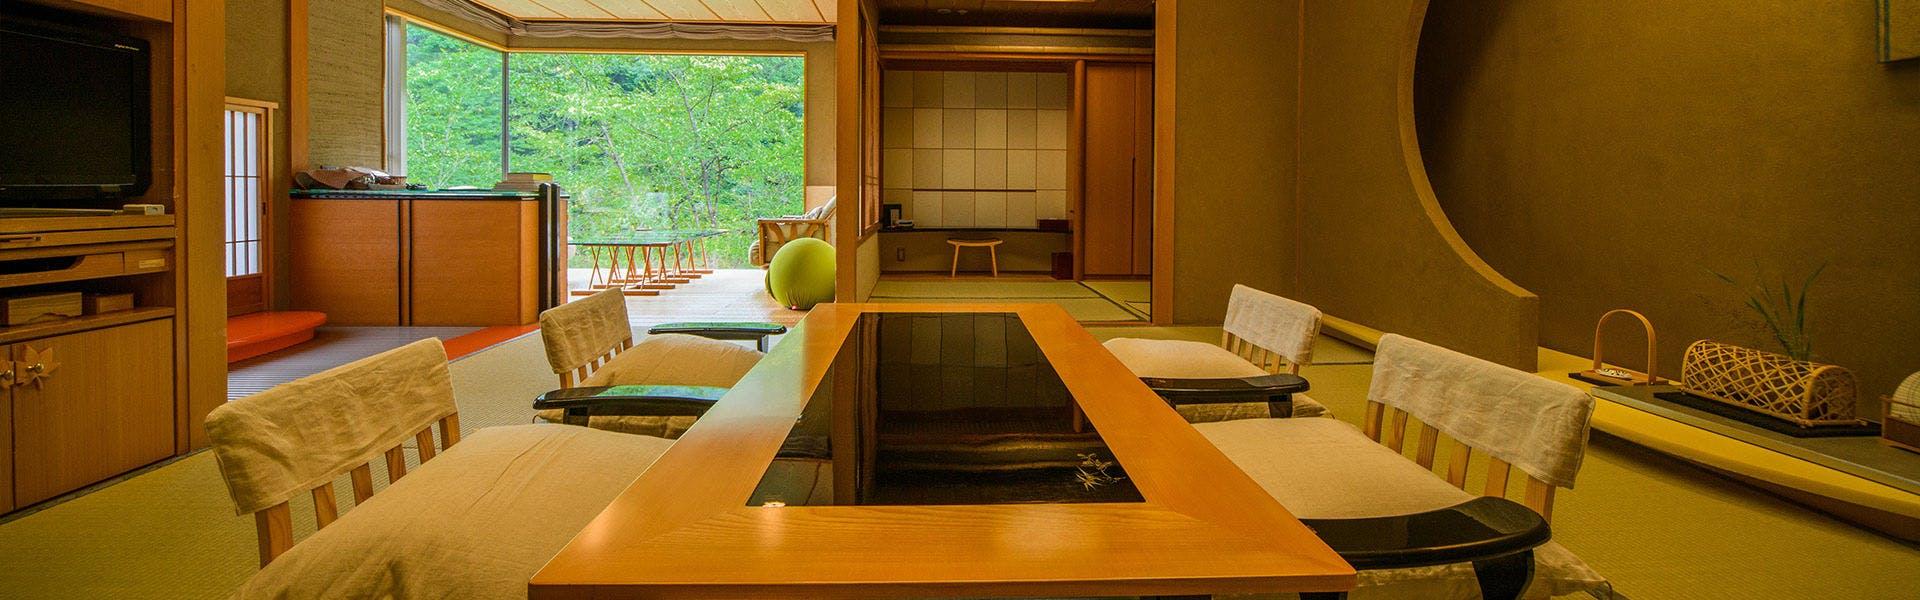 記念日におすすめのホテル・別邸 仙寿庵の写真2